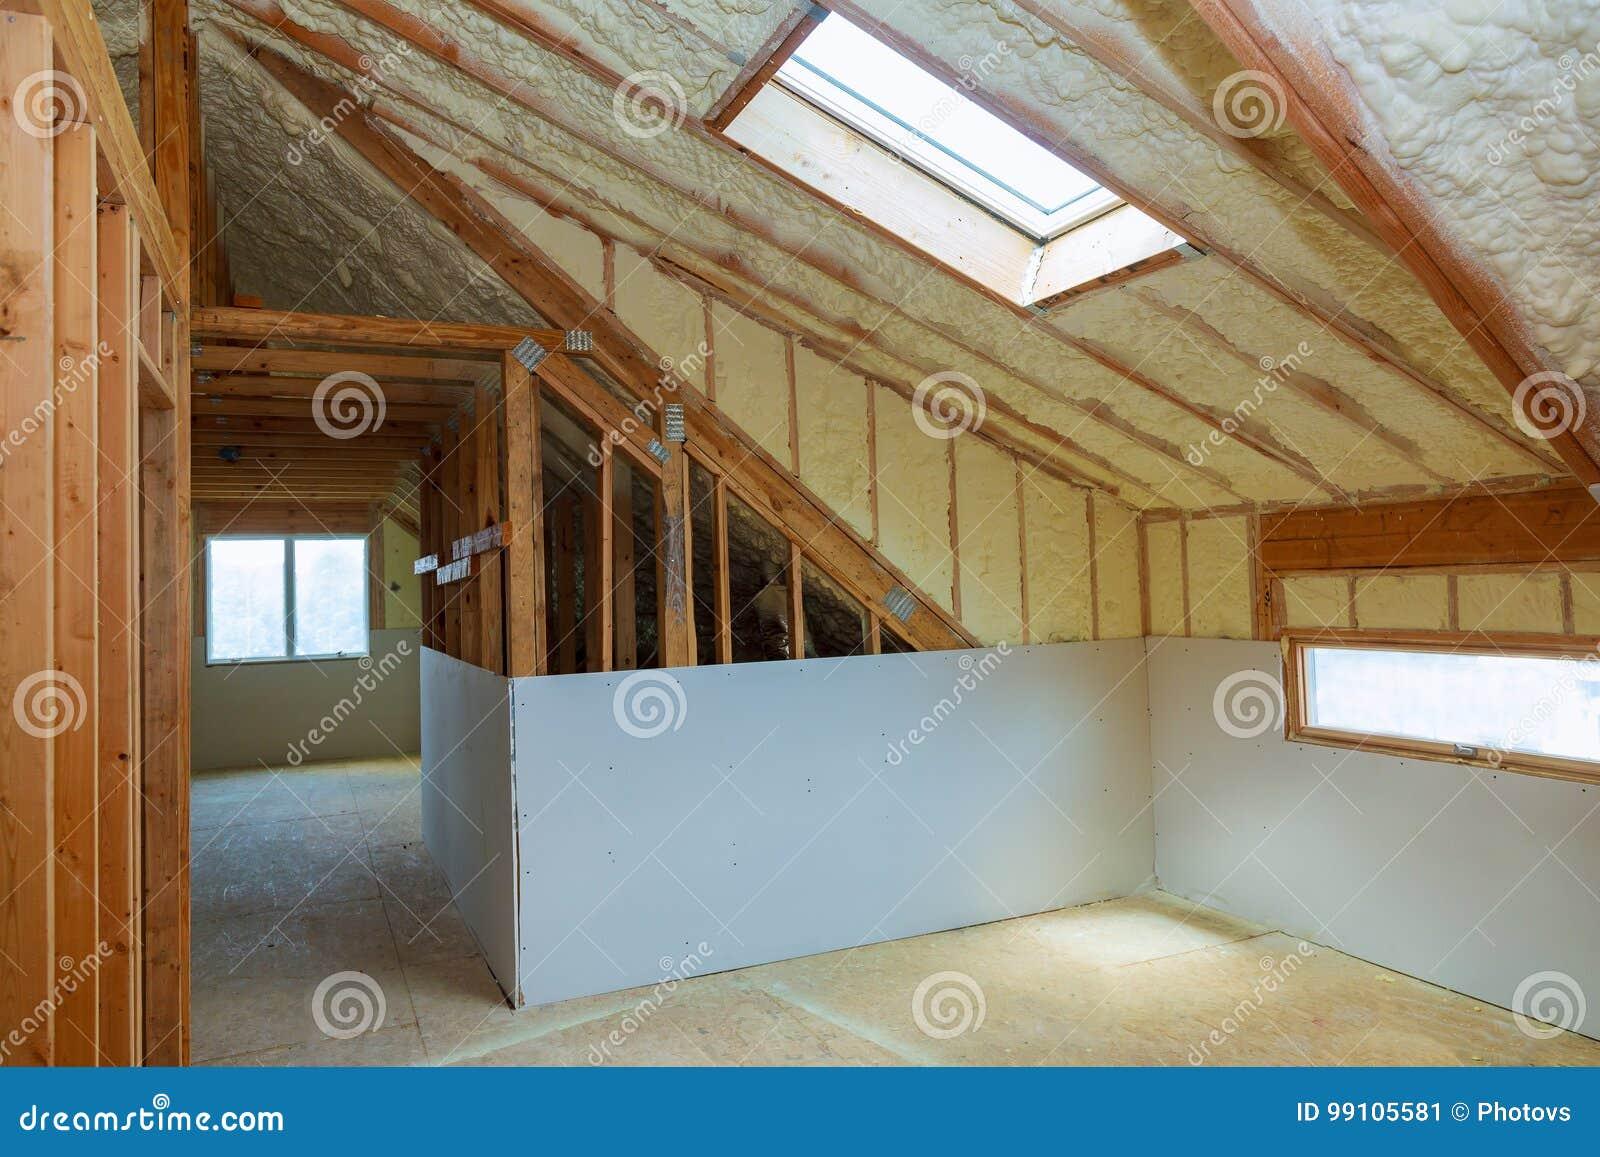 Termal Isolierung Die Am Dachboden Installiert Stockbild Bild Von